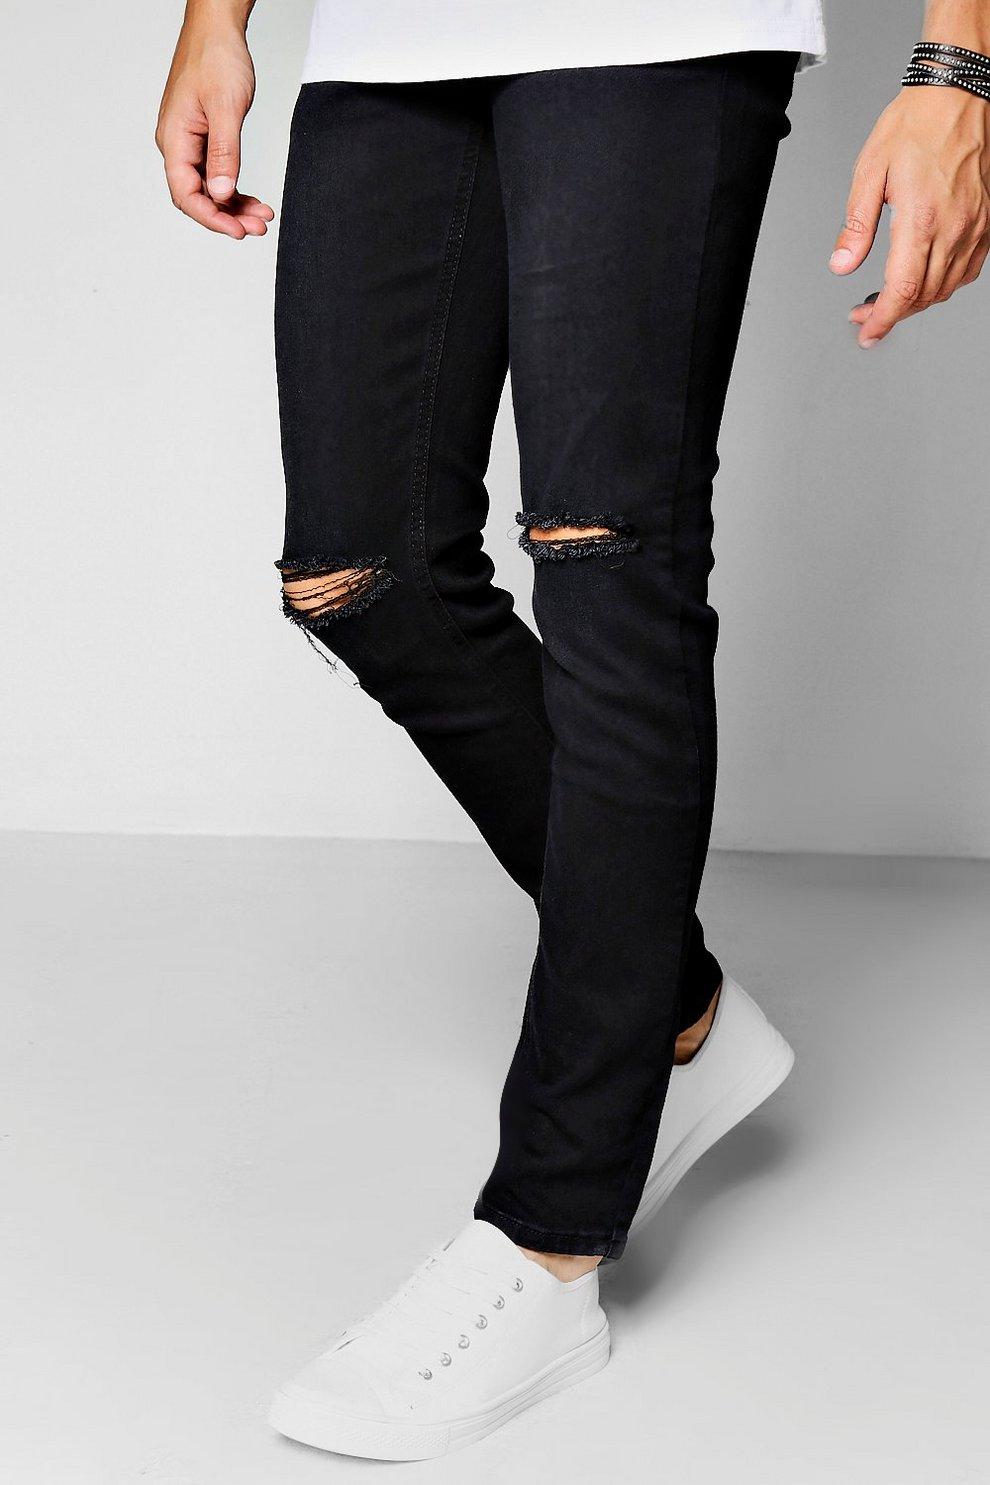 d4522a23f04b4 jean skinny déchiré aux genoux, Noir, Homme